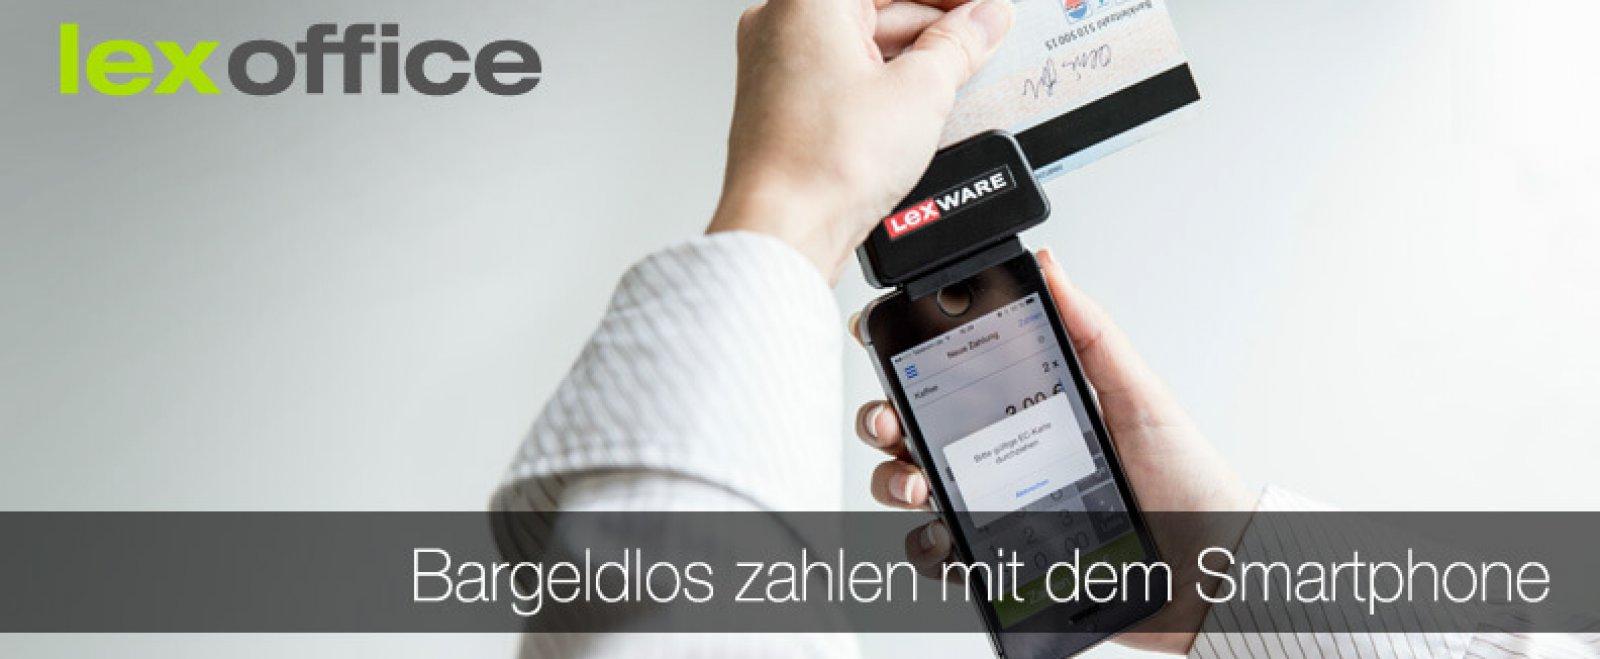 Bargeldlos zahlen mit dem Smartphone